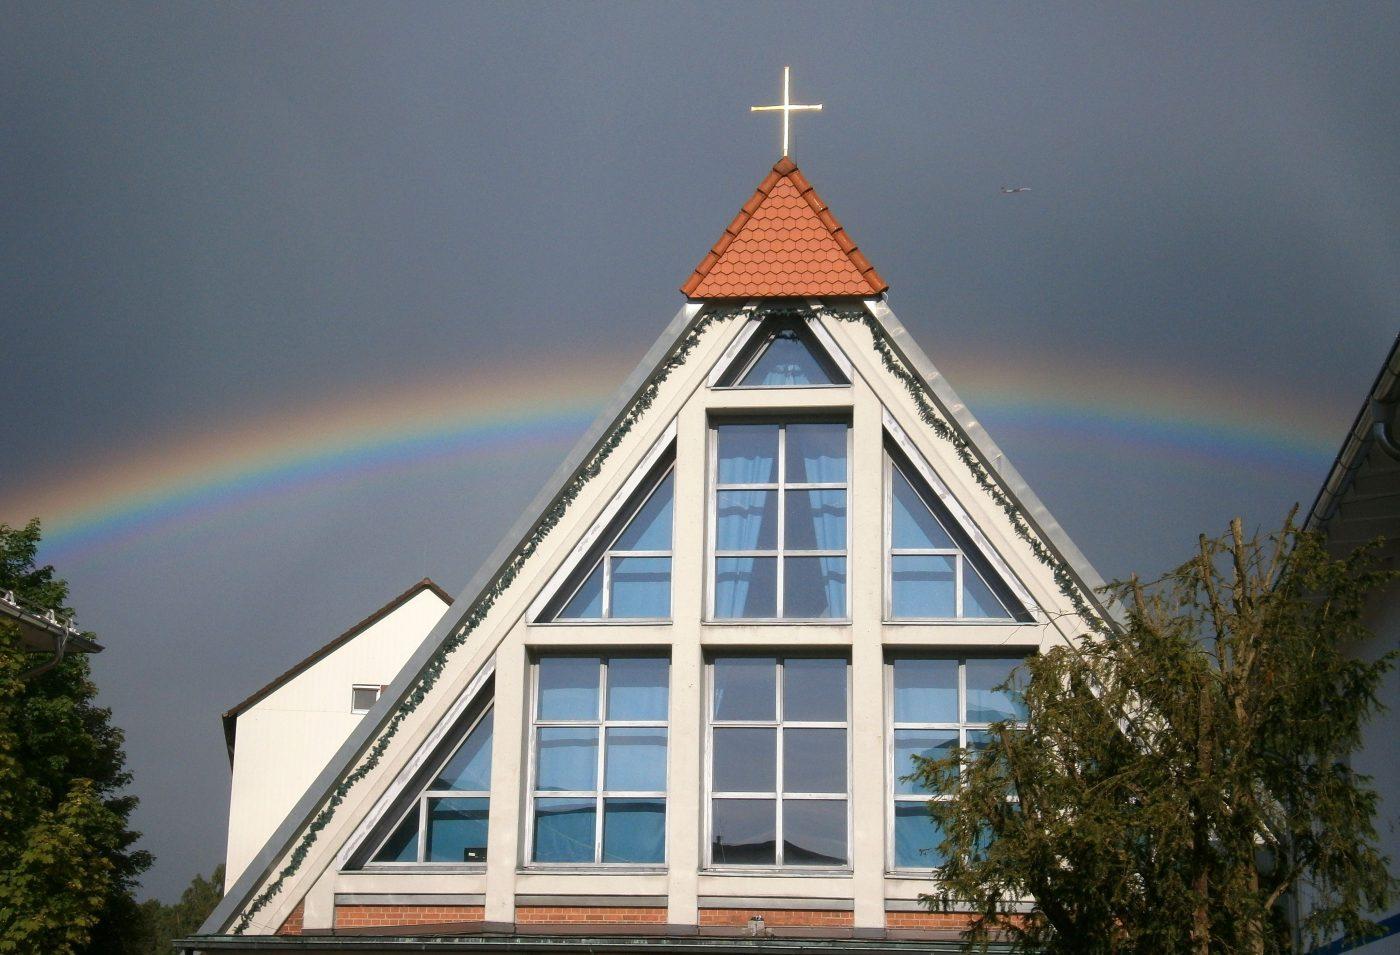 Christuskirche von außen mit Regenbogen